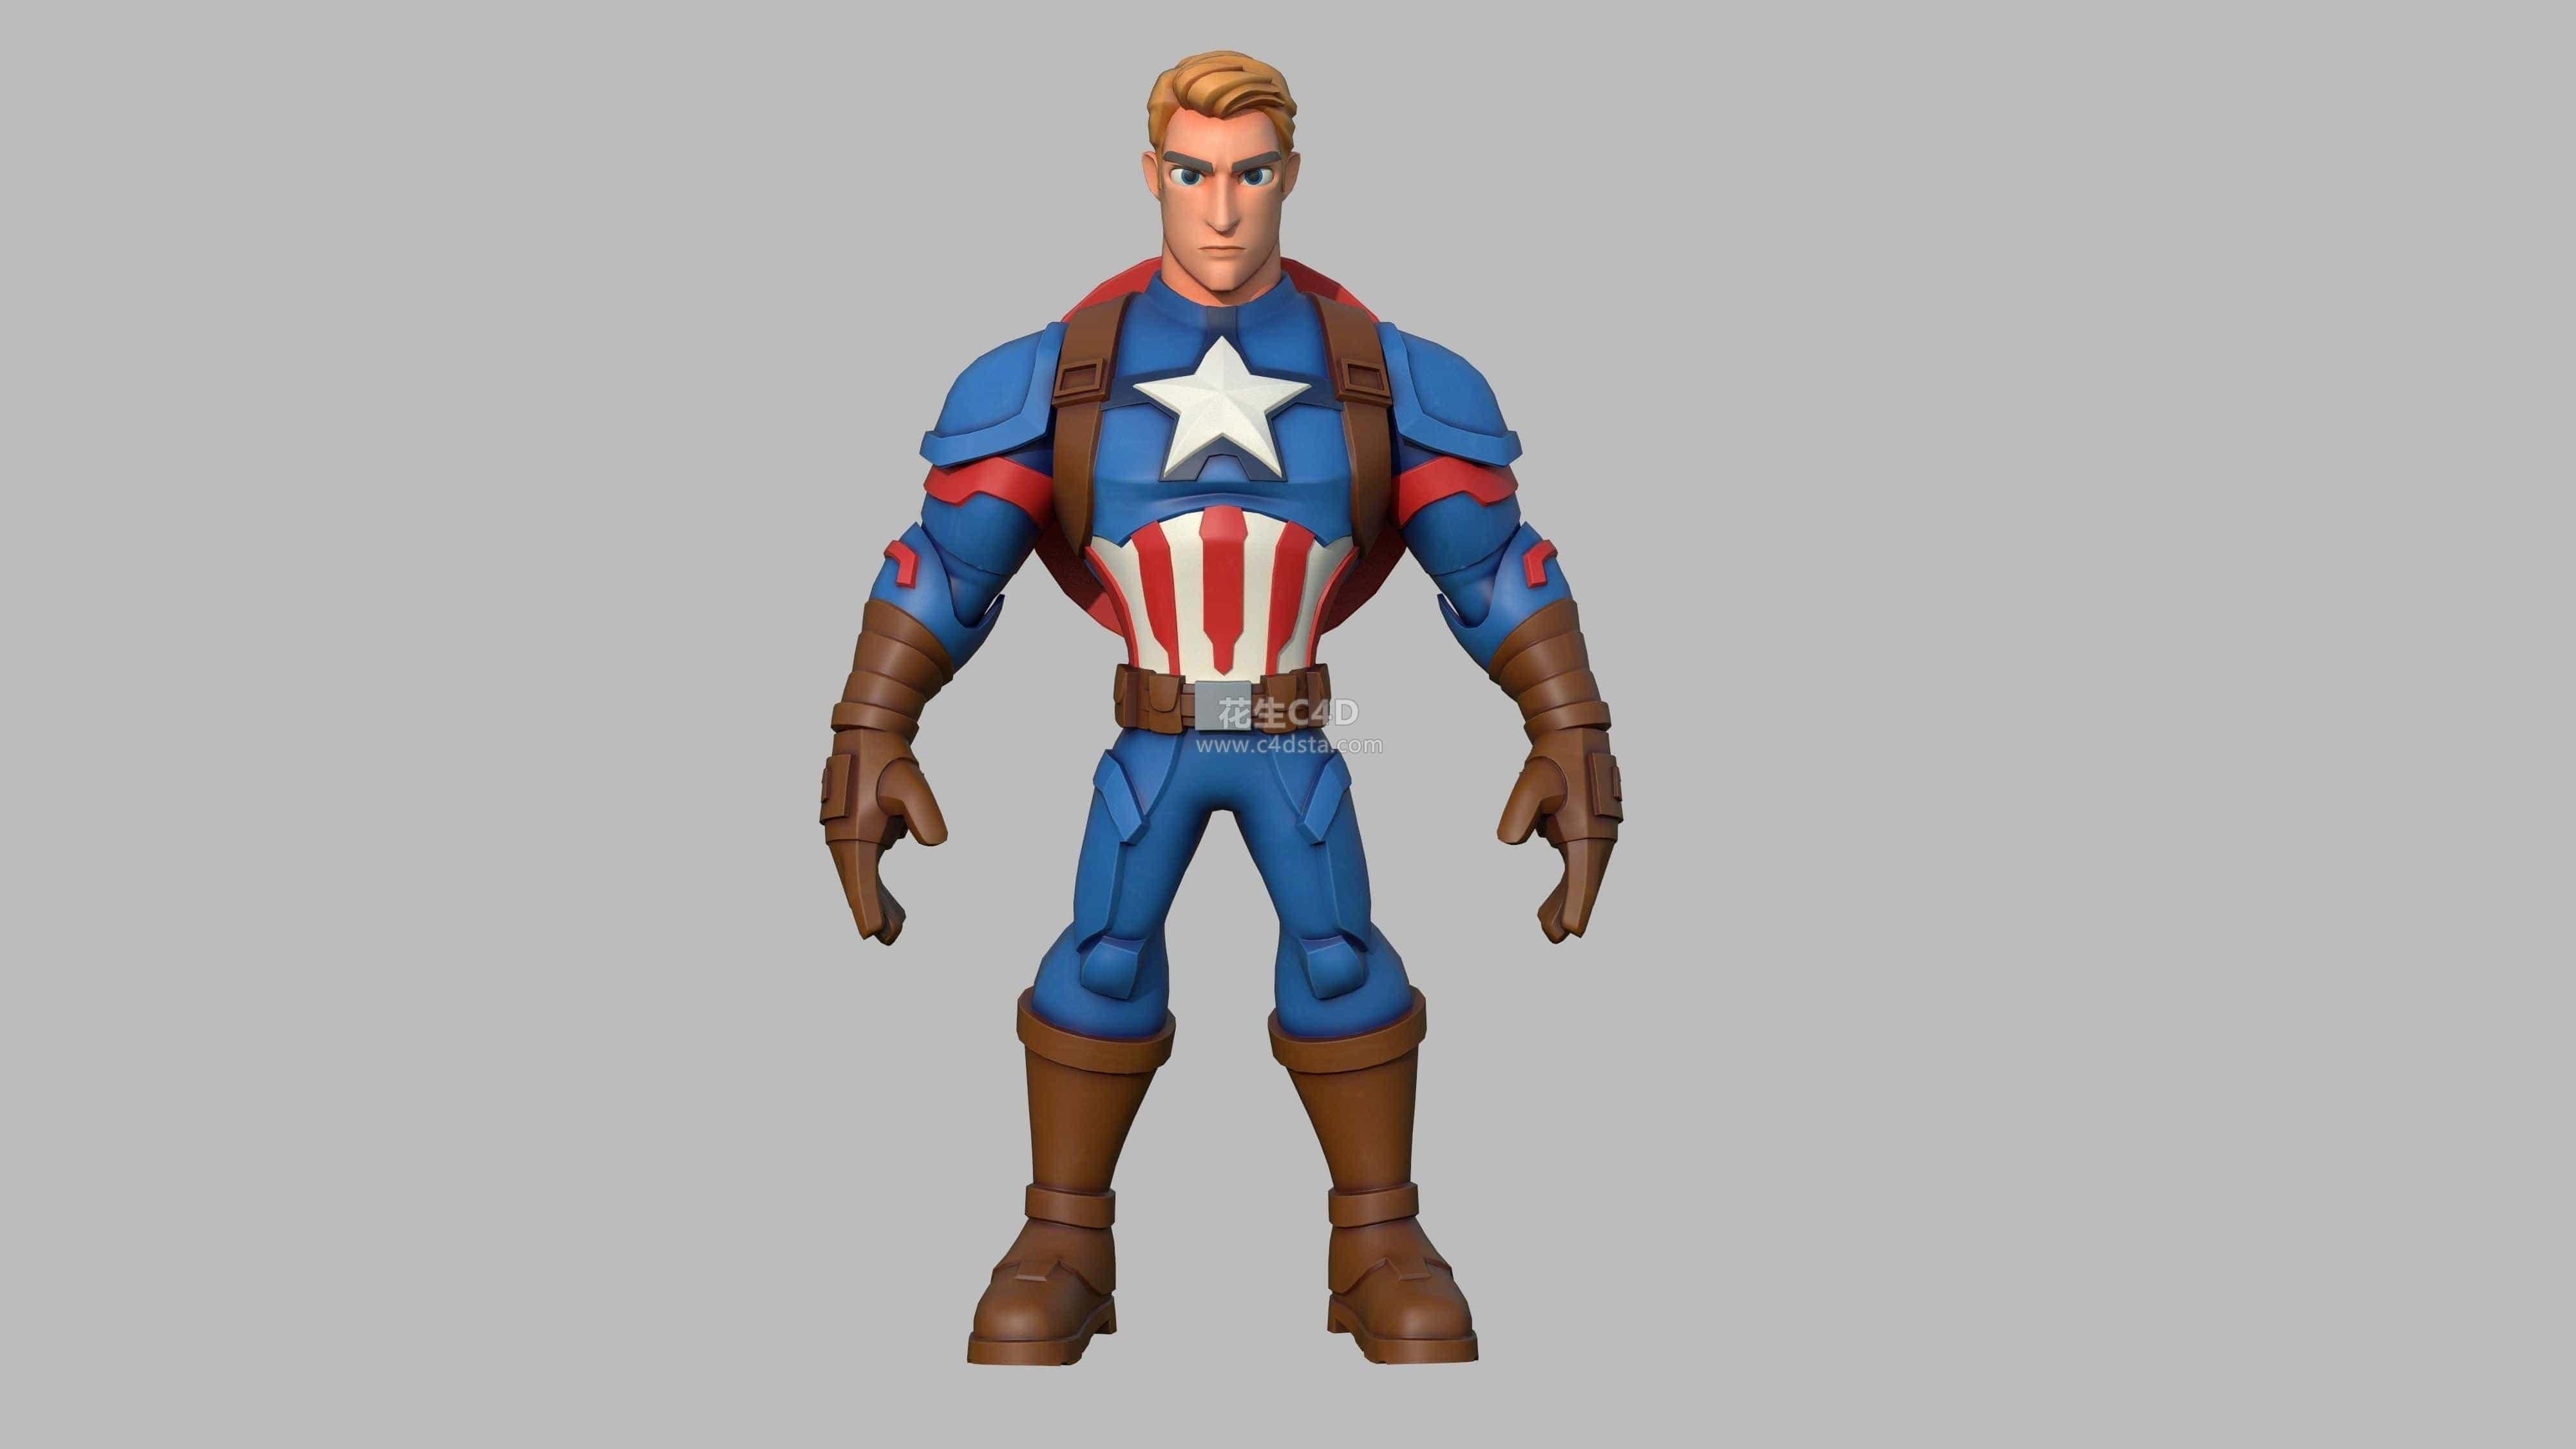 三维模型-卡通角色美国队长漫威英雄艺术3D模型 626CG资源站